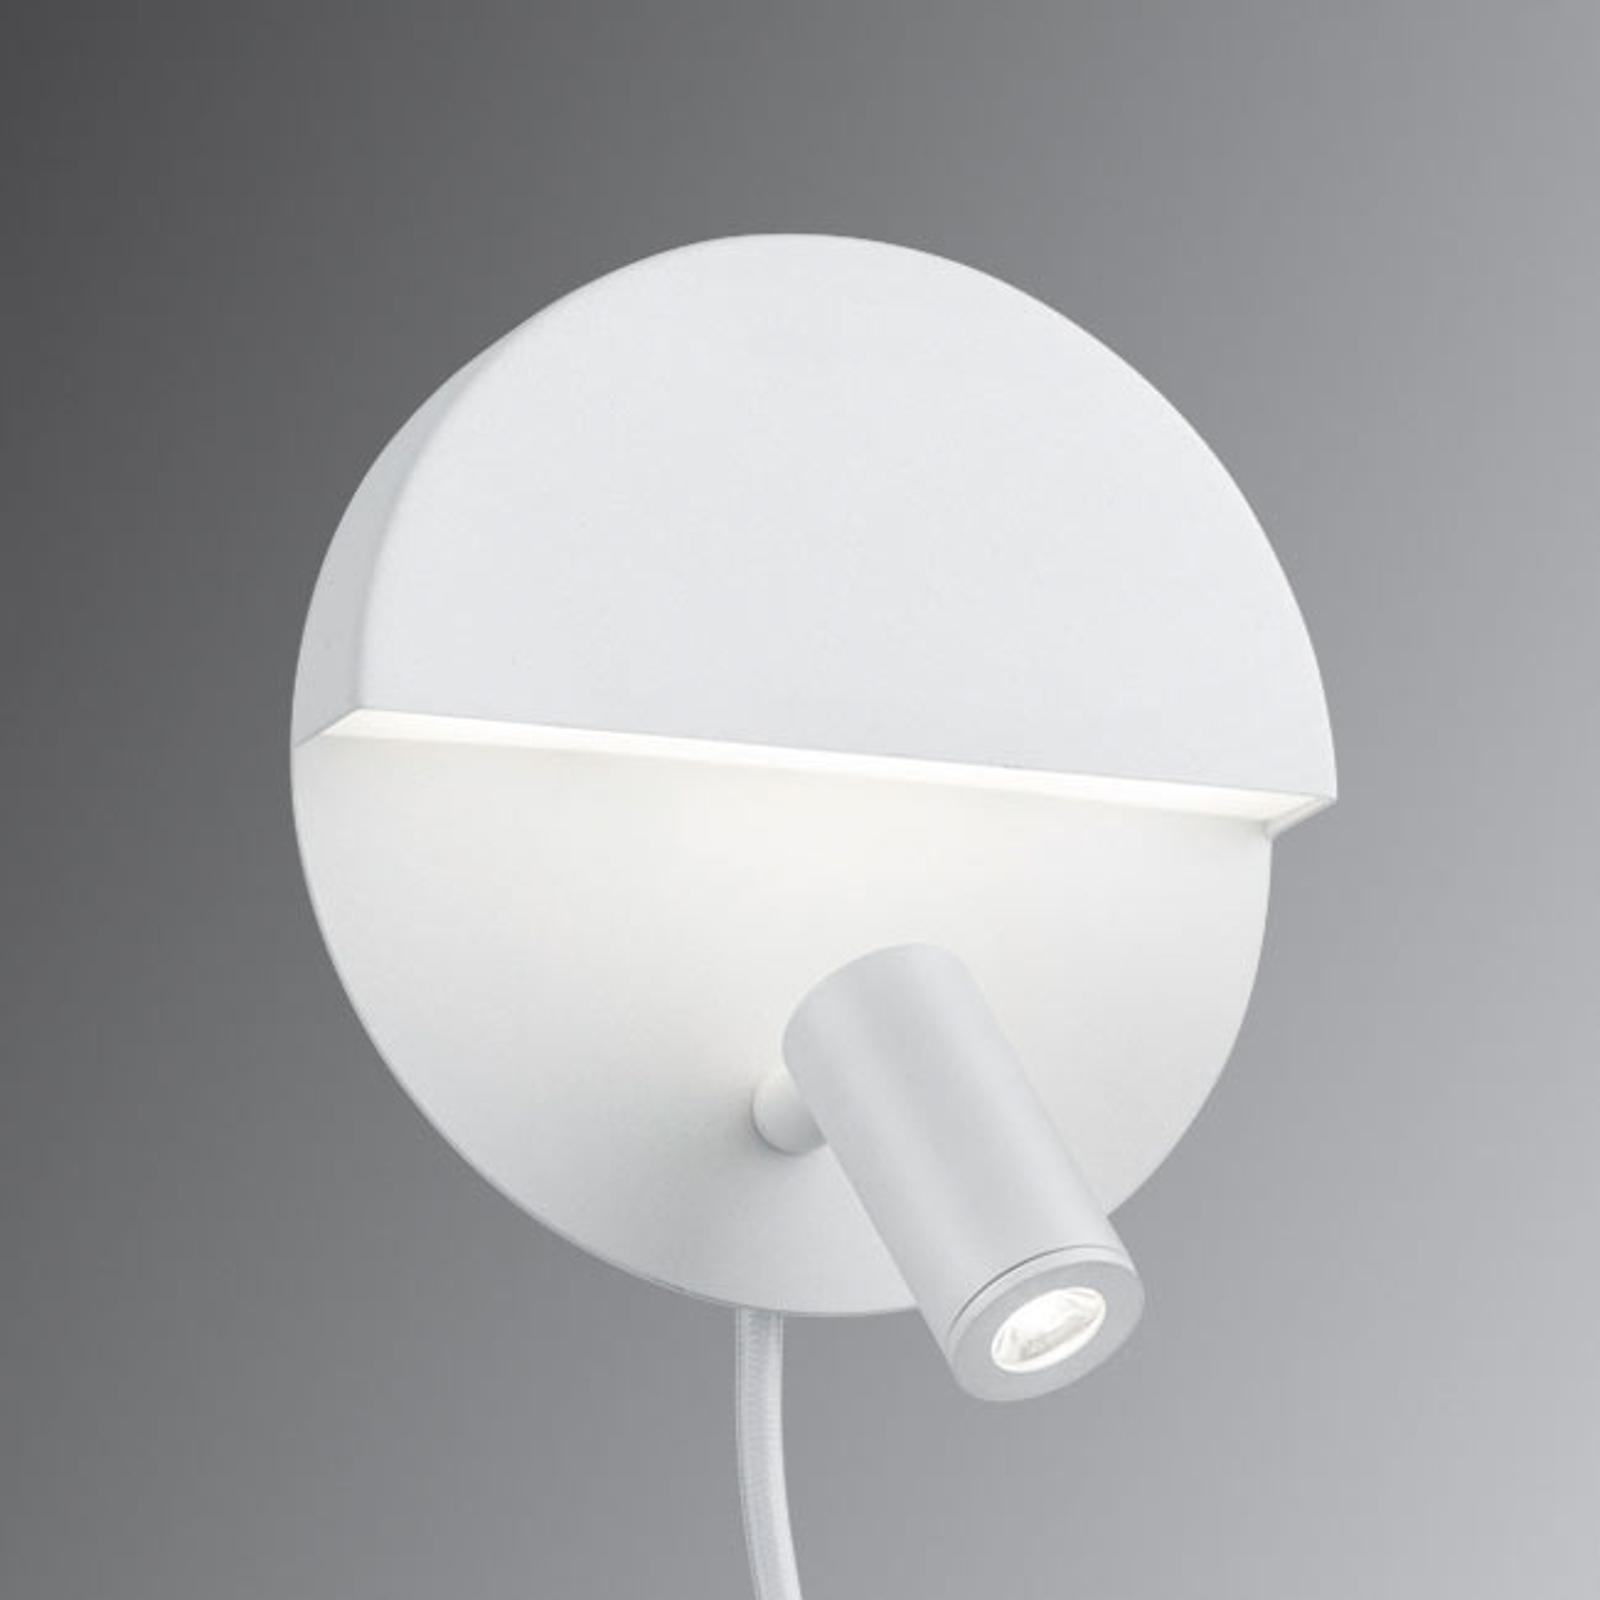 Funktionale LED-Wandleuchte Mario mit 2 Schaltern